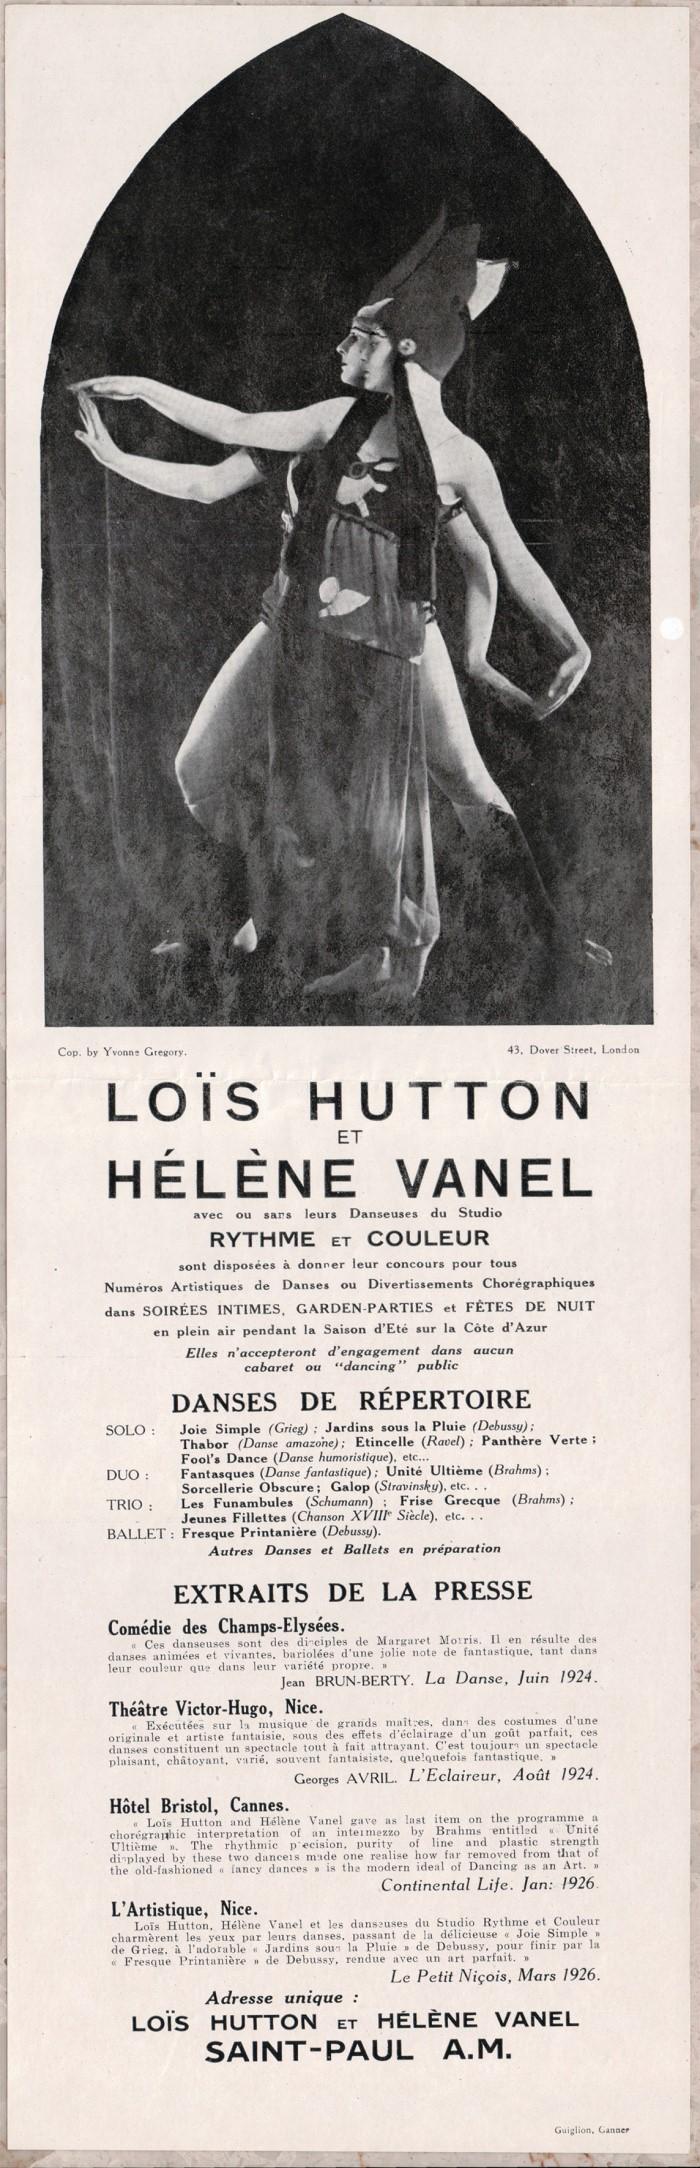 A flyer advertising Loïs Hutton and Hélène Vanel, and the Studio Rythme et Couleur,